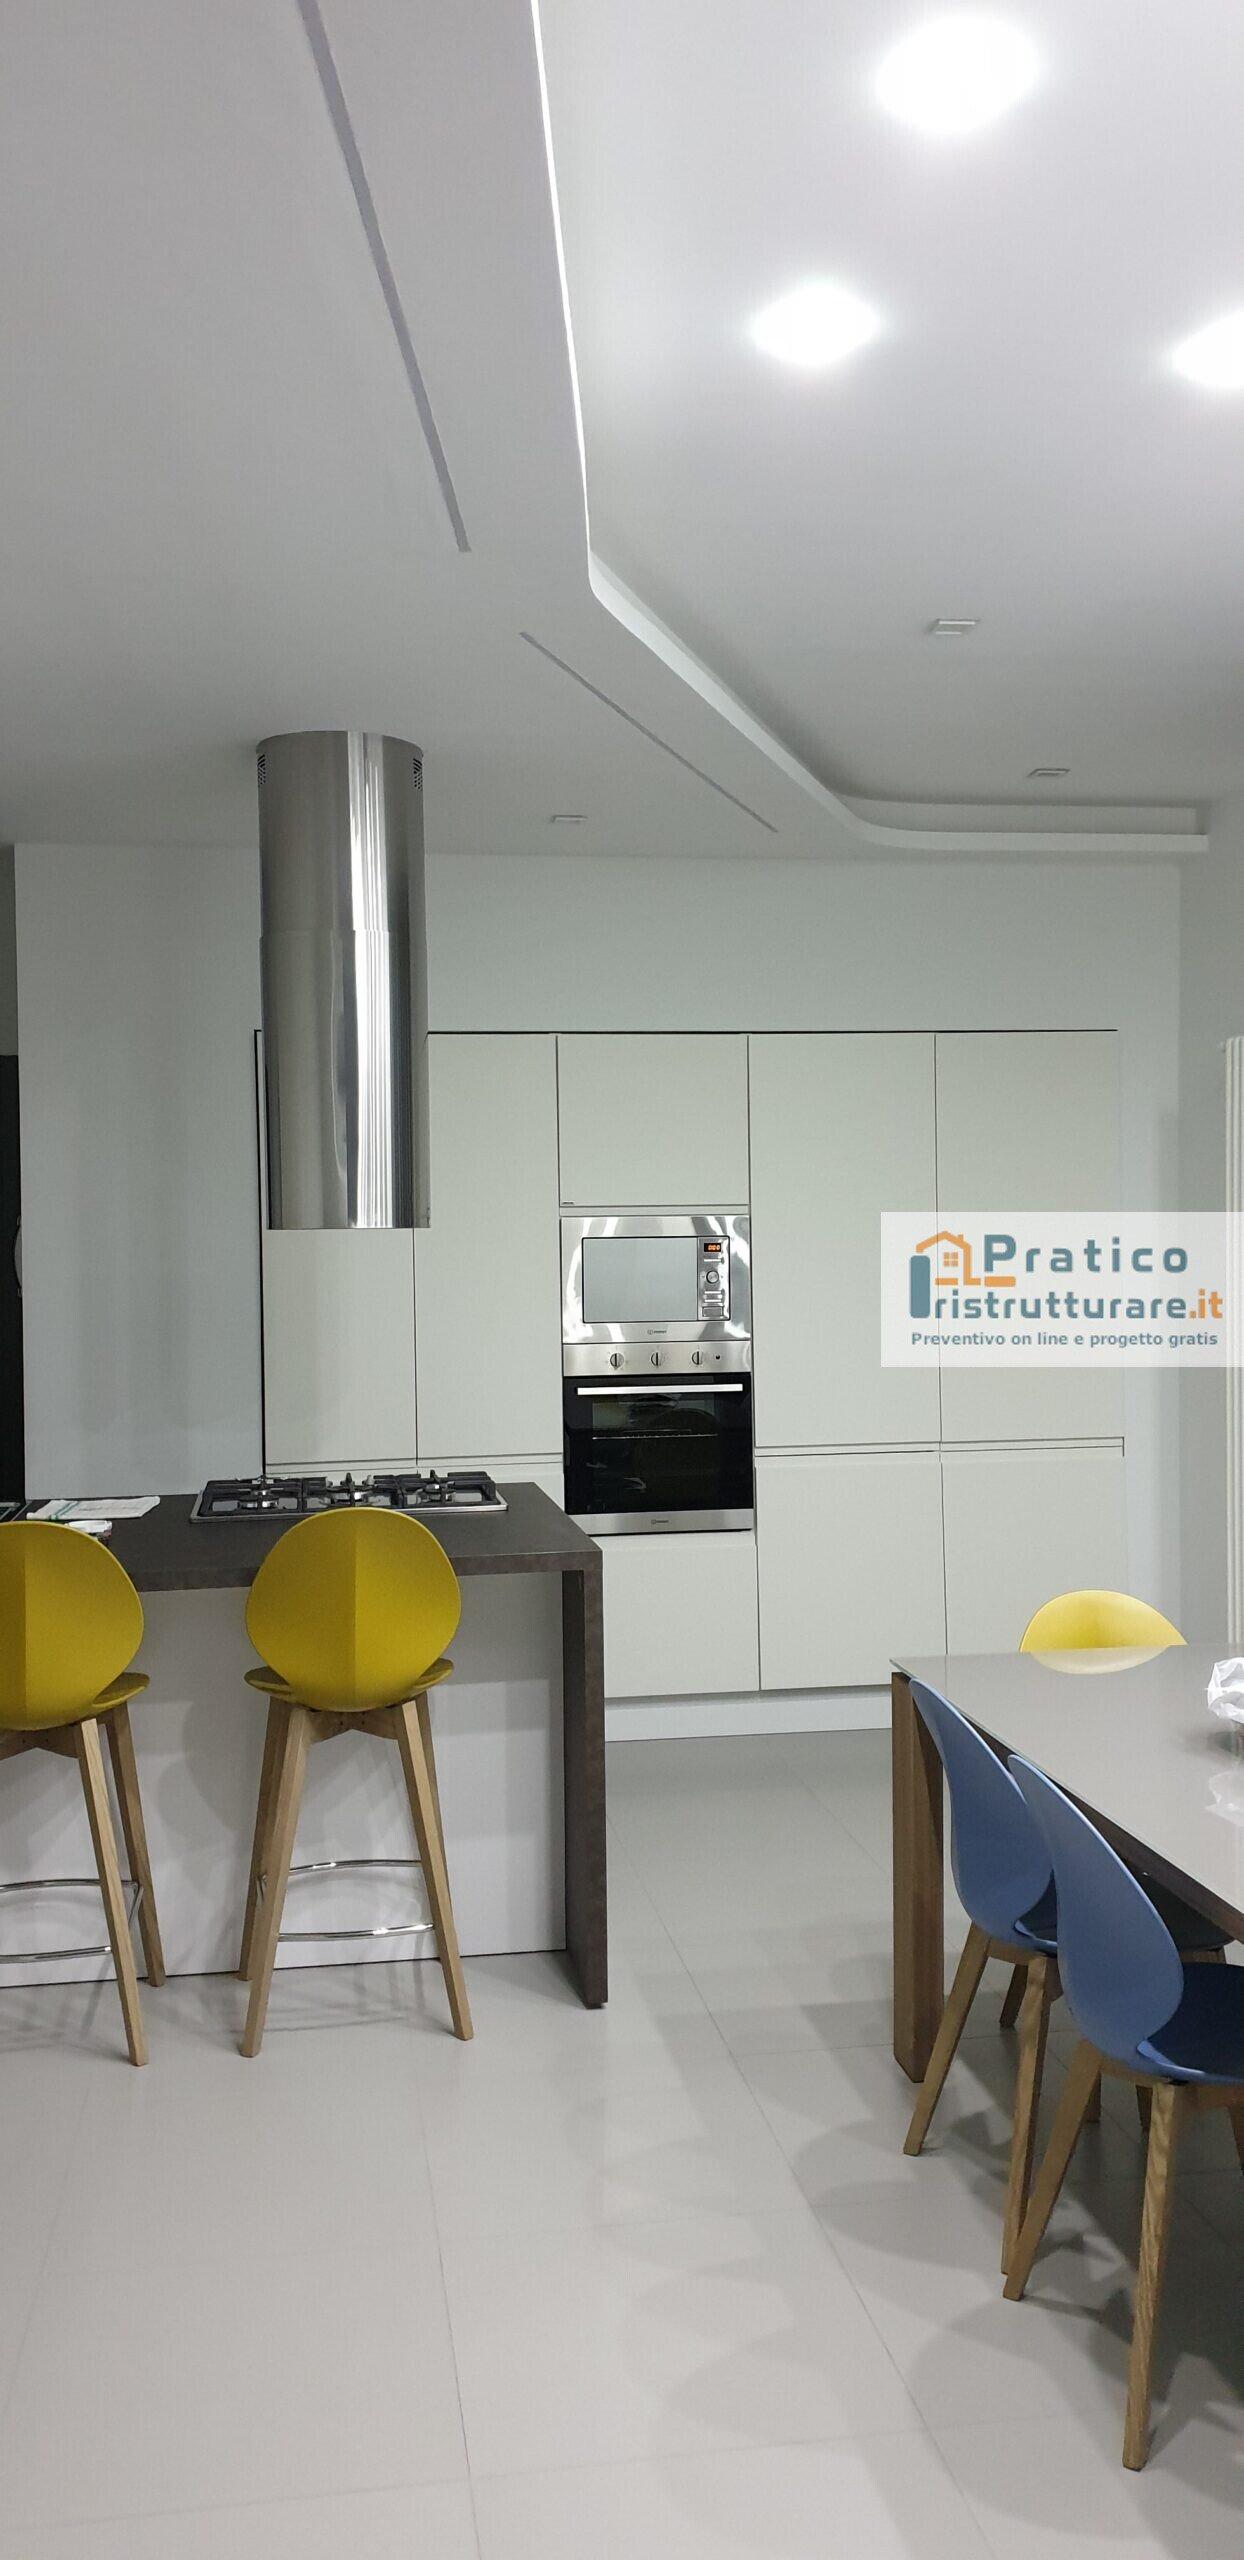 praticoristrutturare_FUSIONE CLASSICO MODERNO6